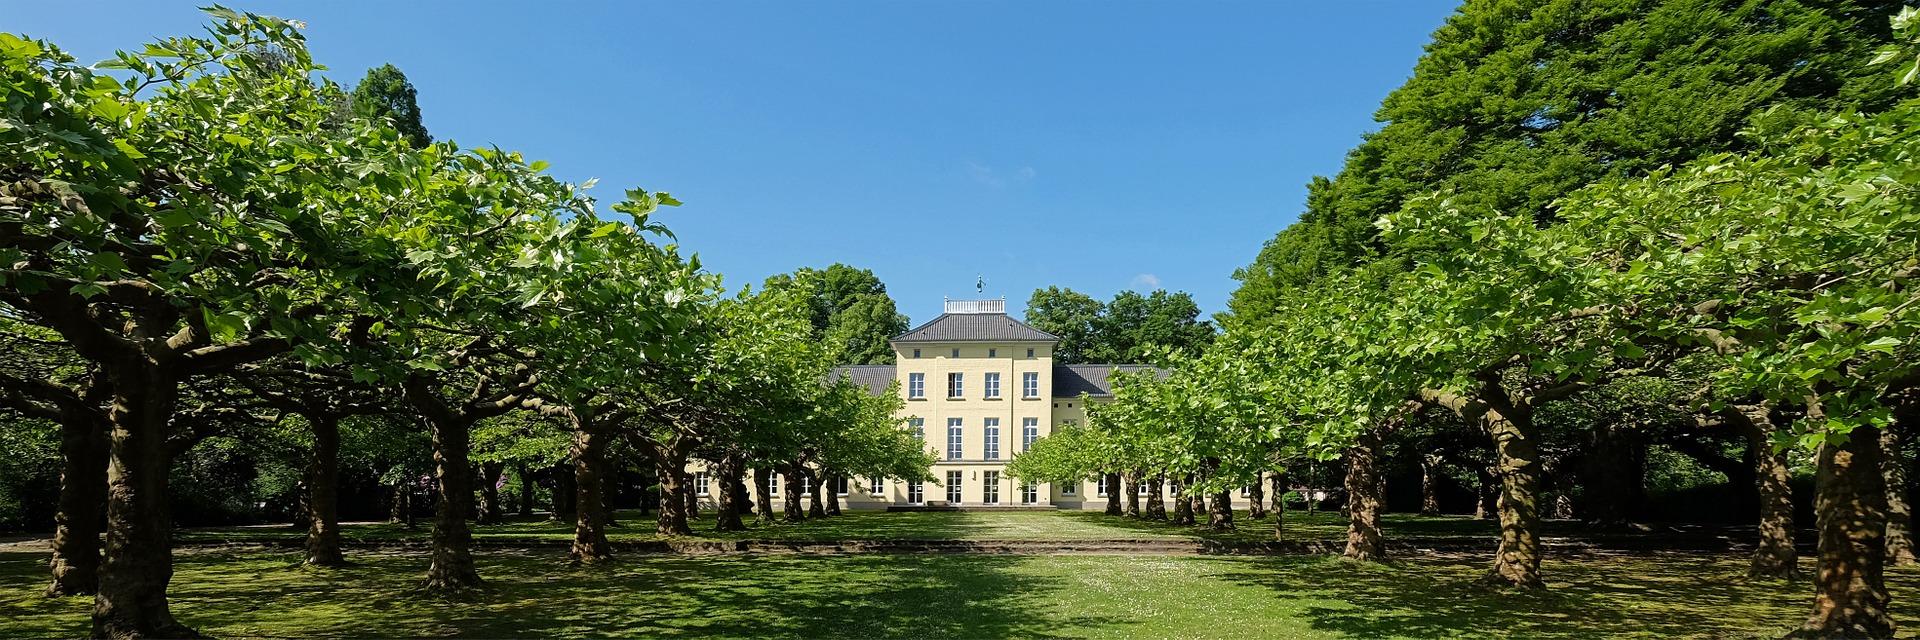 Umzugsunternehmen München Krefeld Photo